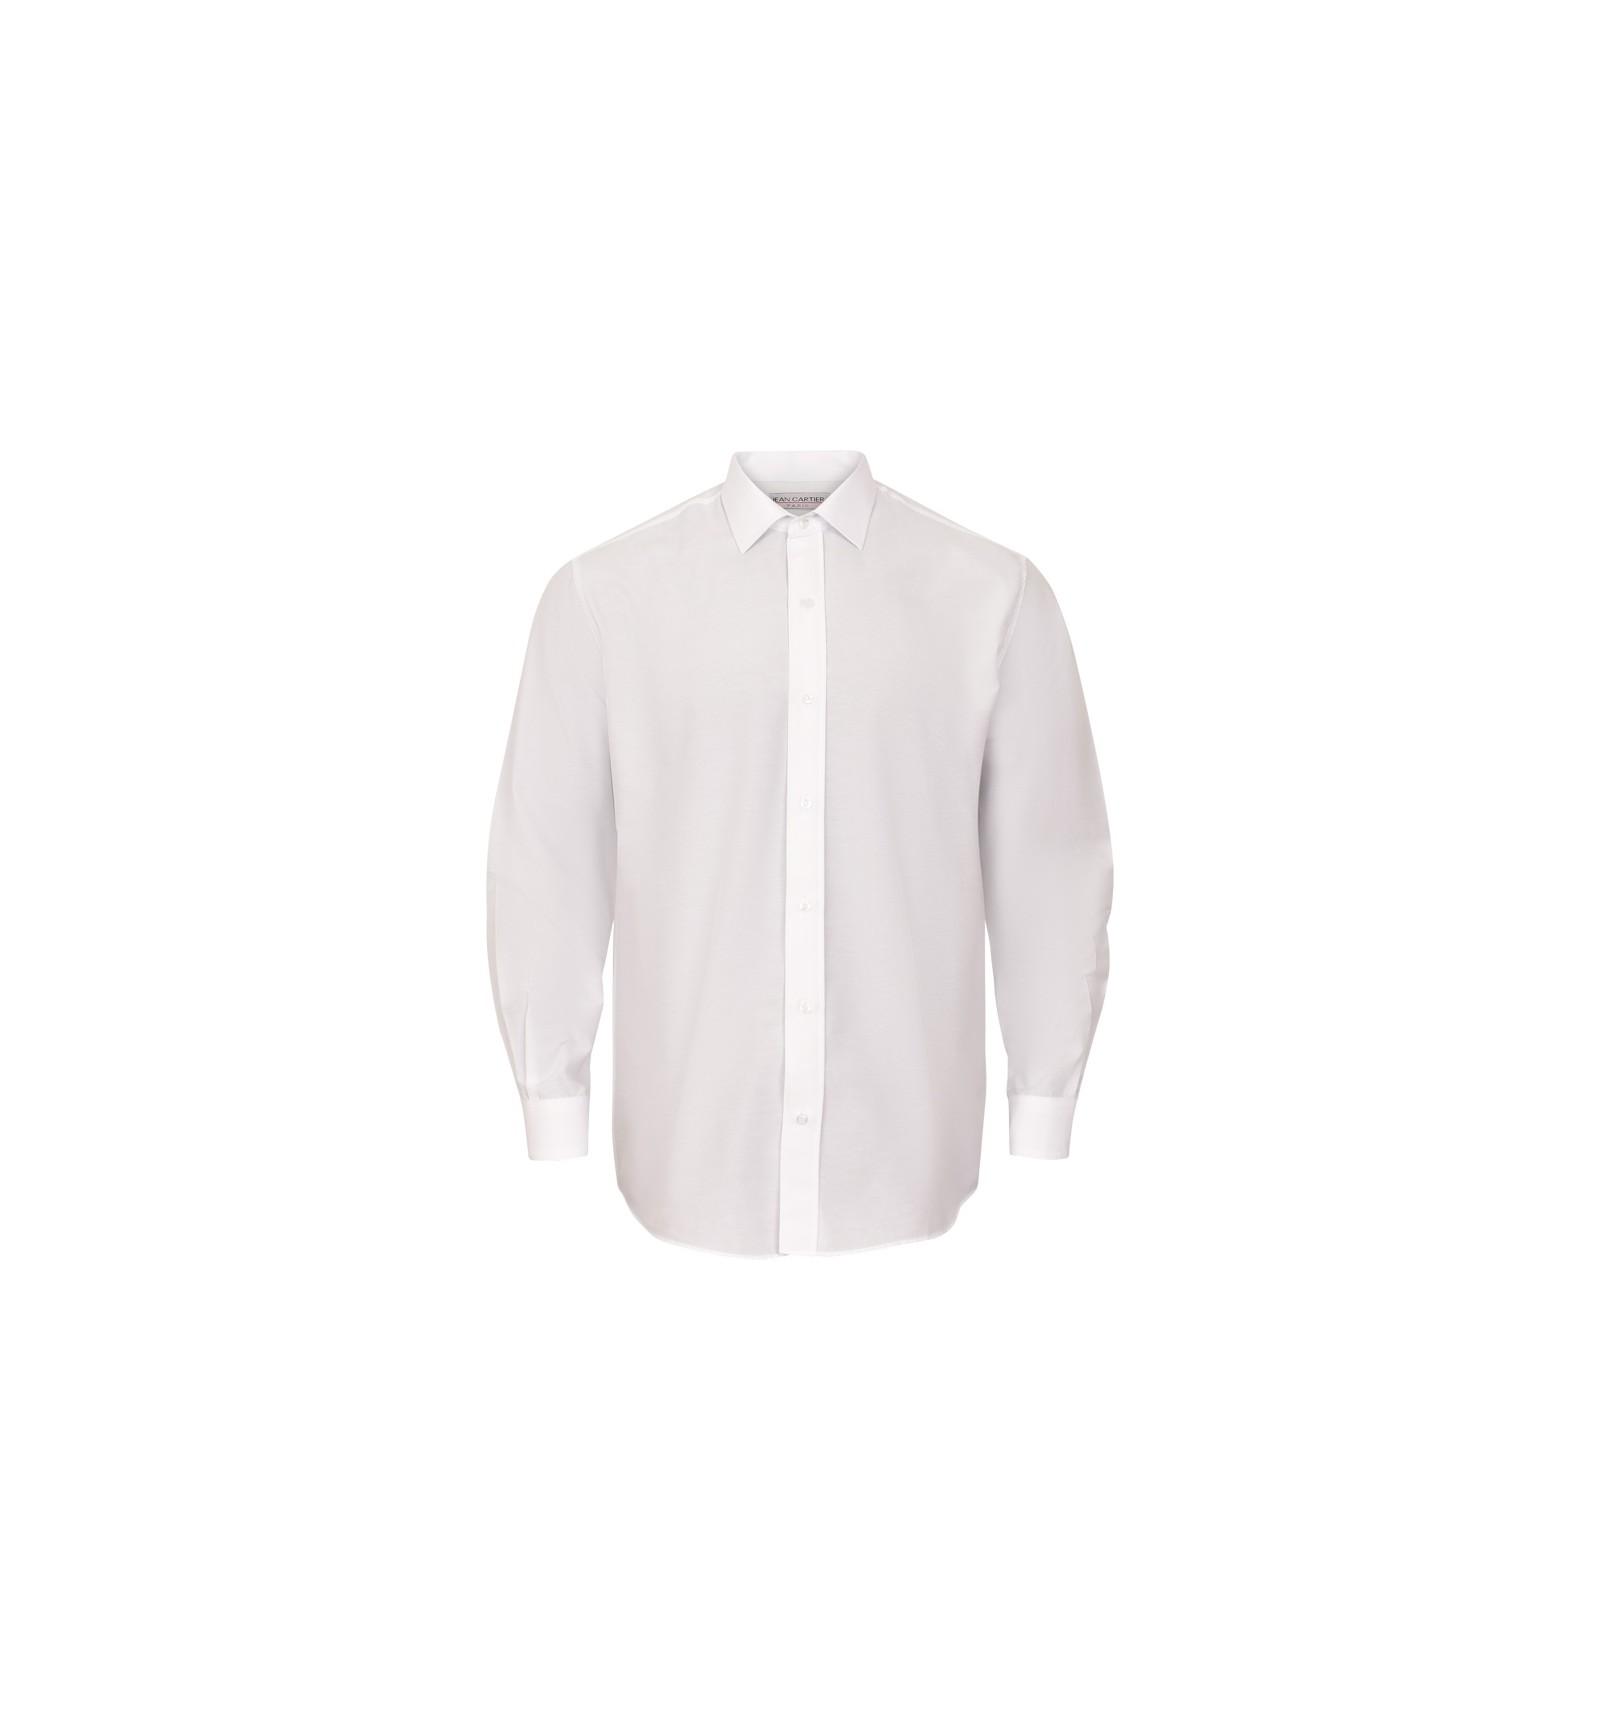 884fdf55bf9 Camisa lisa cuello italiano M L - Venta de ropa al por mayor ...